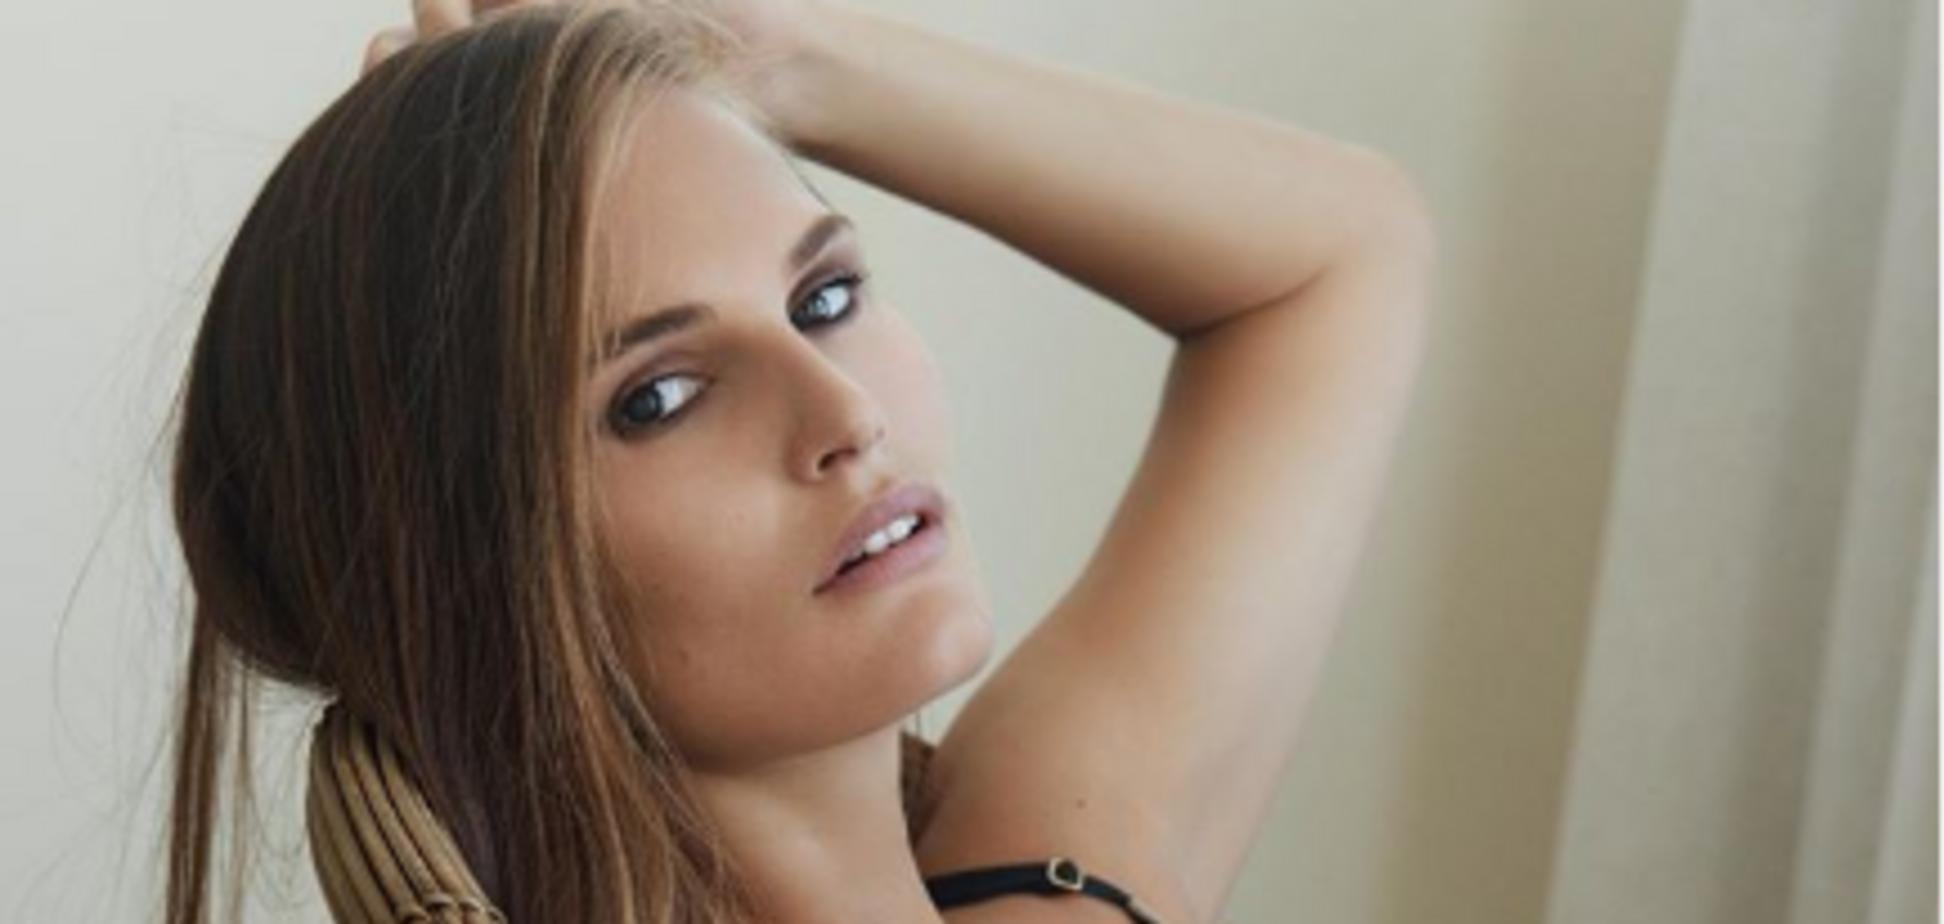 Костромичева призналась, как муж относится к ее откровенным фото: горячая подборка